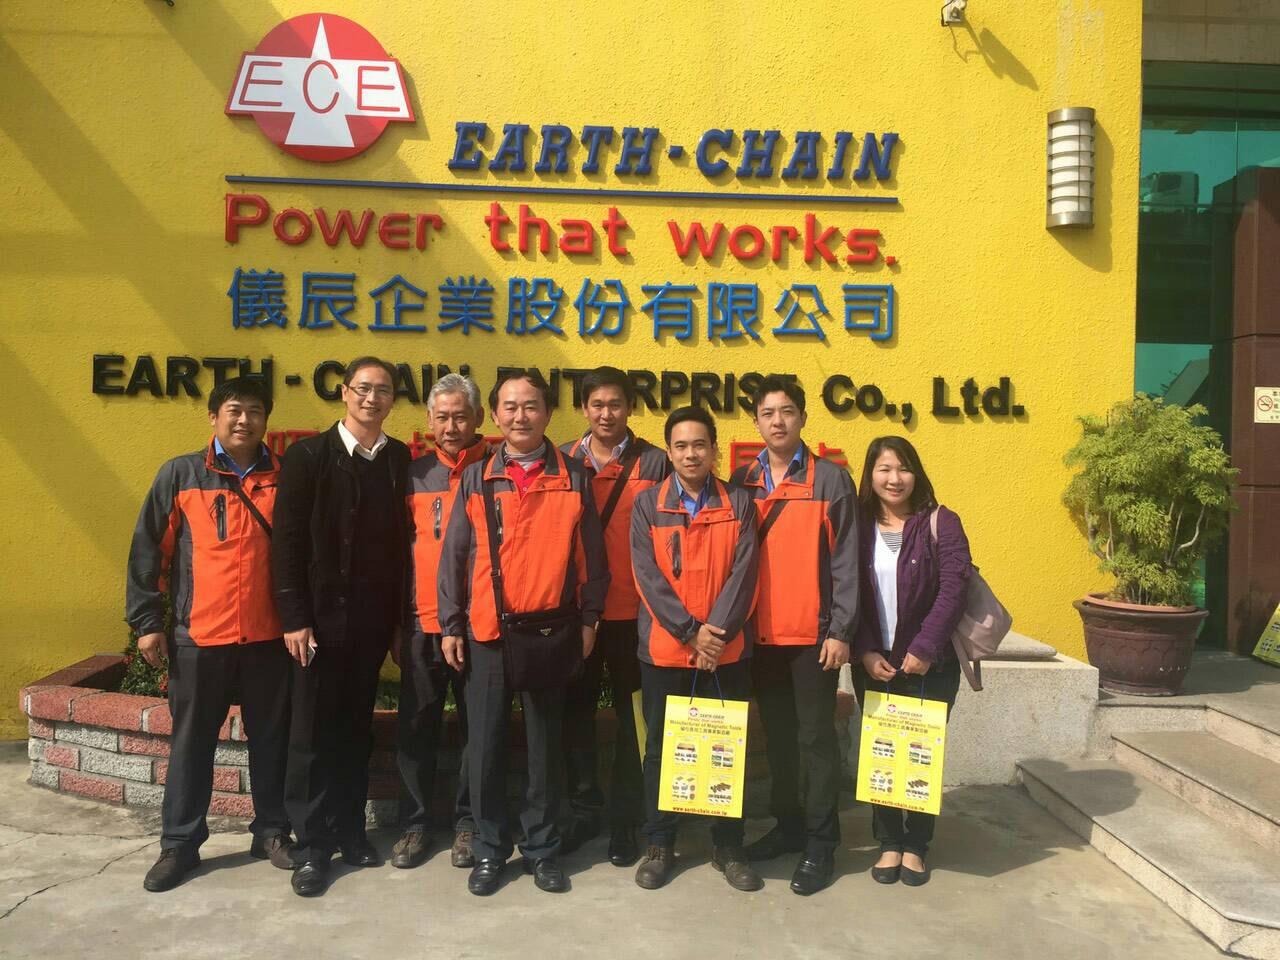 ผู้บริหารและพนักงาน IIT เดินทางเยี่ยมชมโรงงานผลิตเครื่องจักร ณ ประเทศไต้หวัน 13-16/1/2559